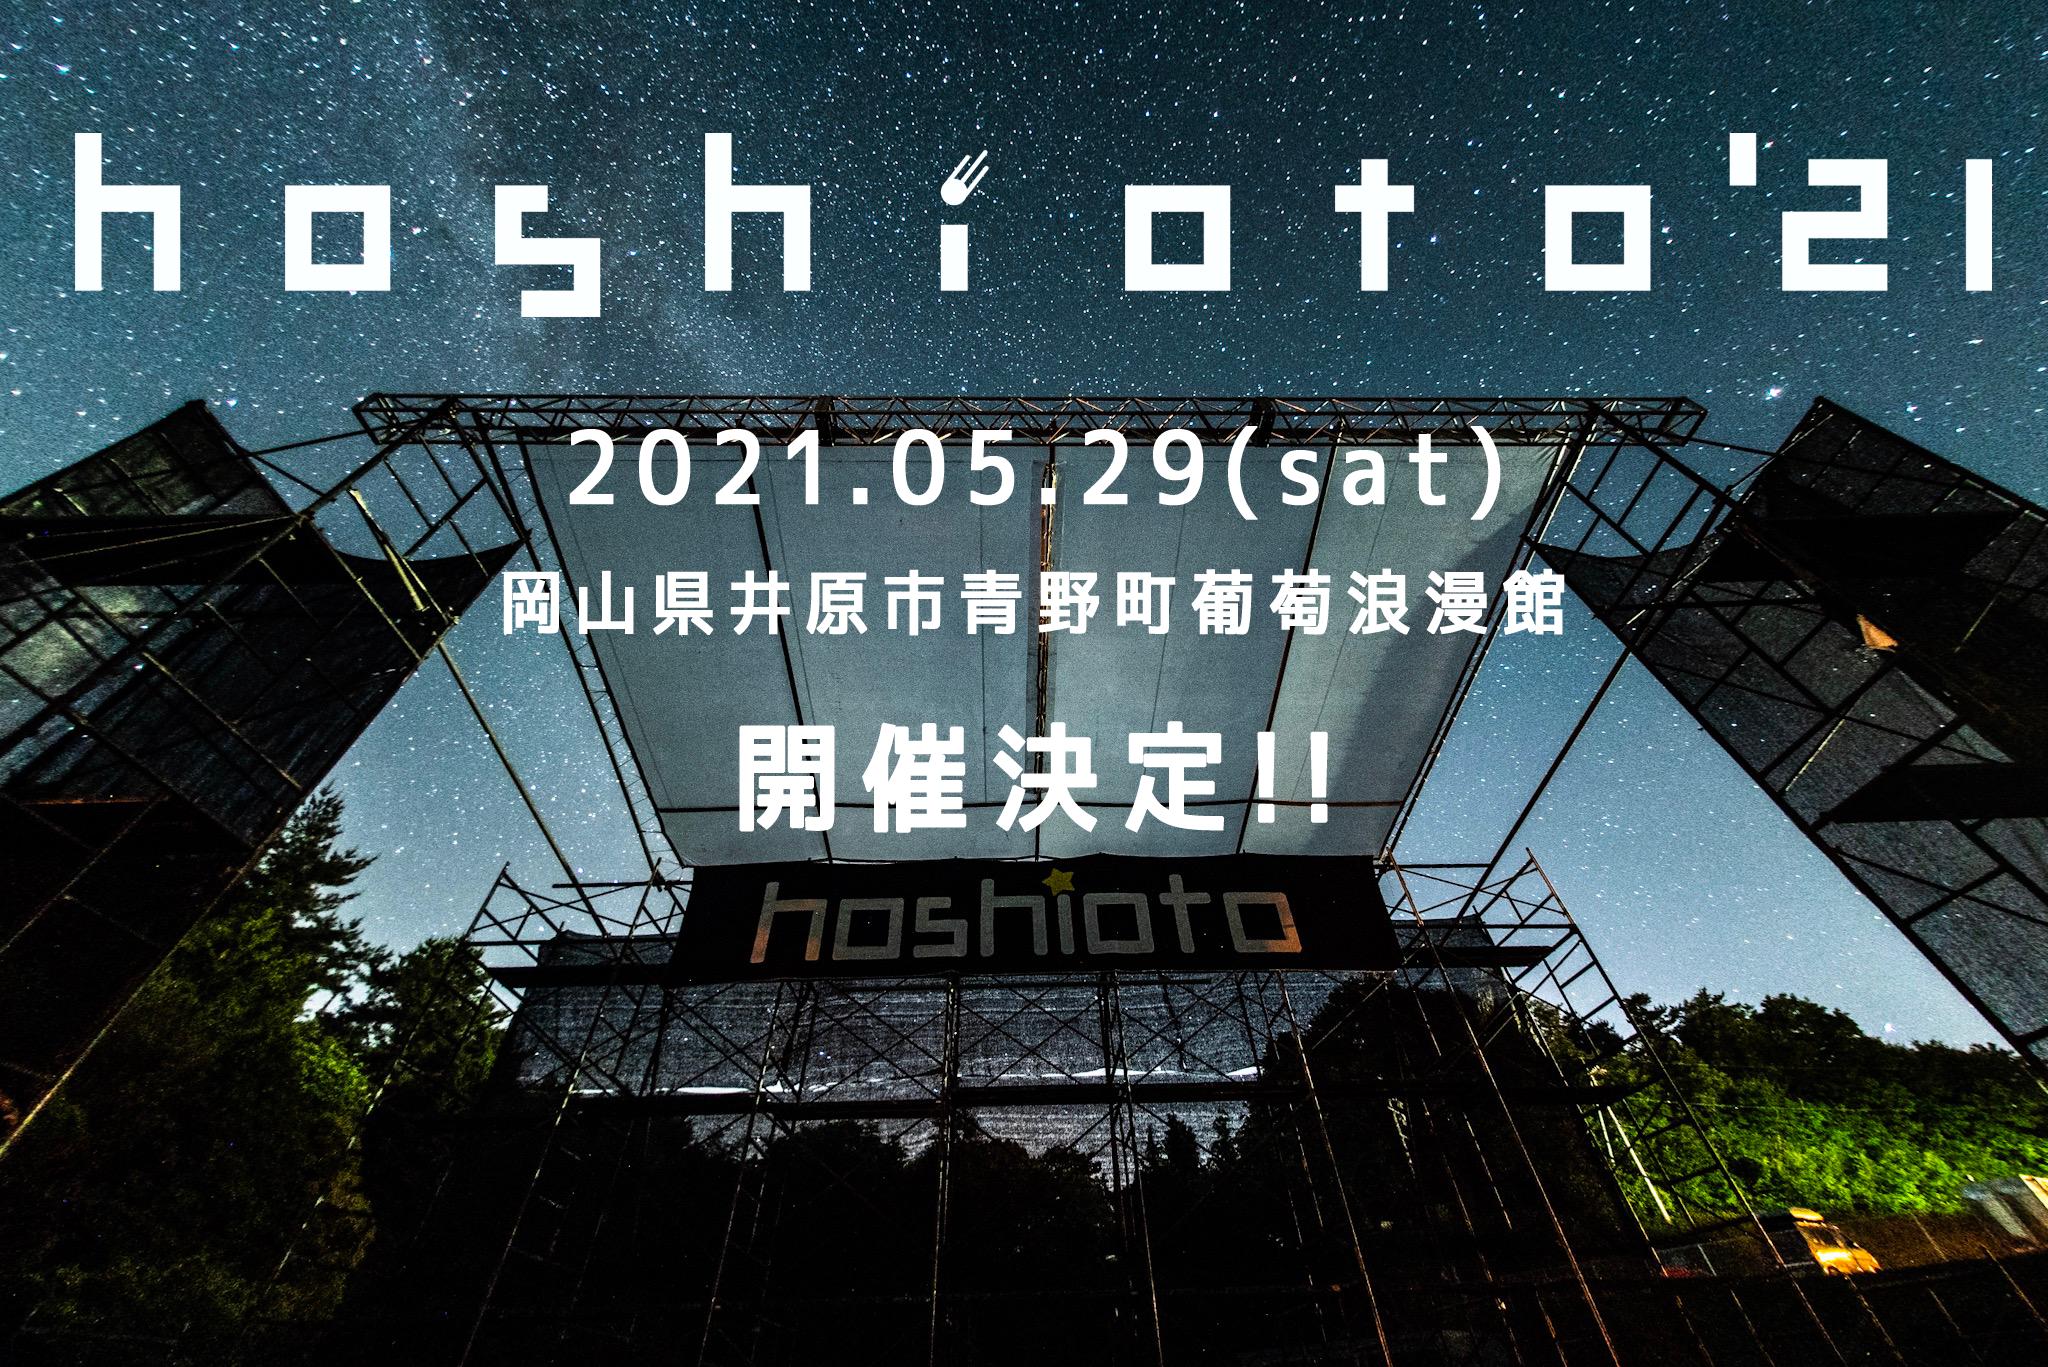 hoshioto'21 を去年の想いも込めて新型コロナウイルスに負けずに開催させたい!